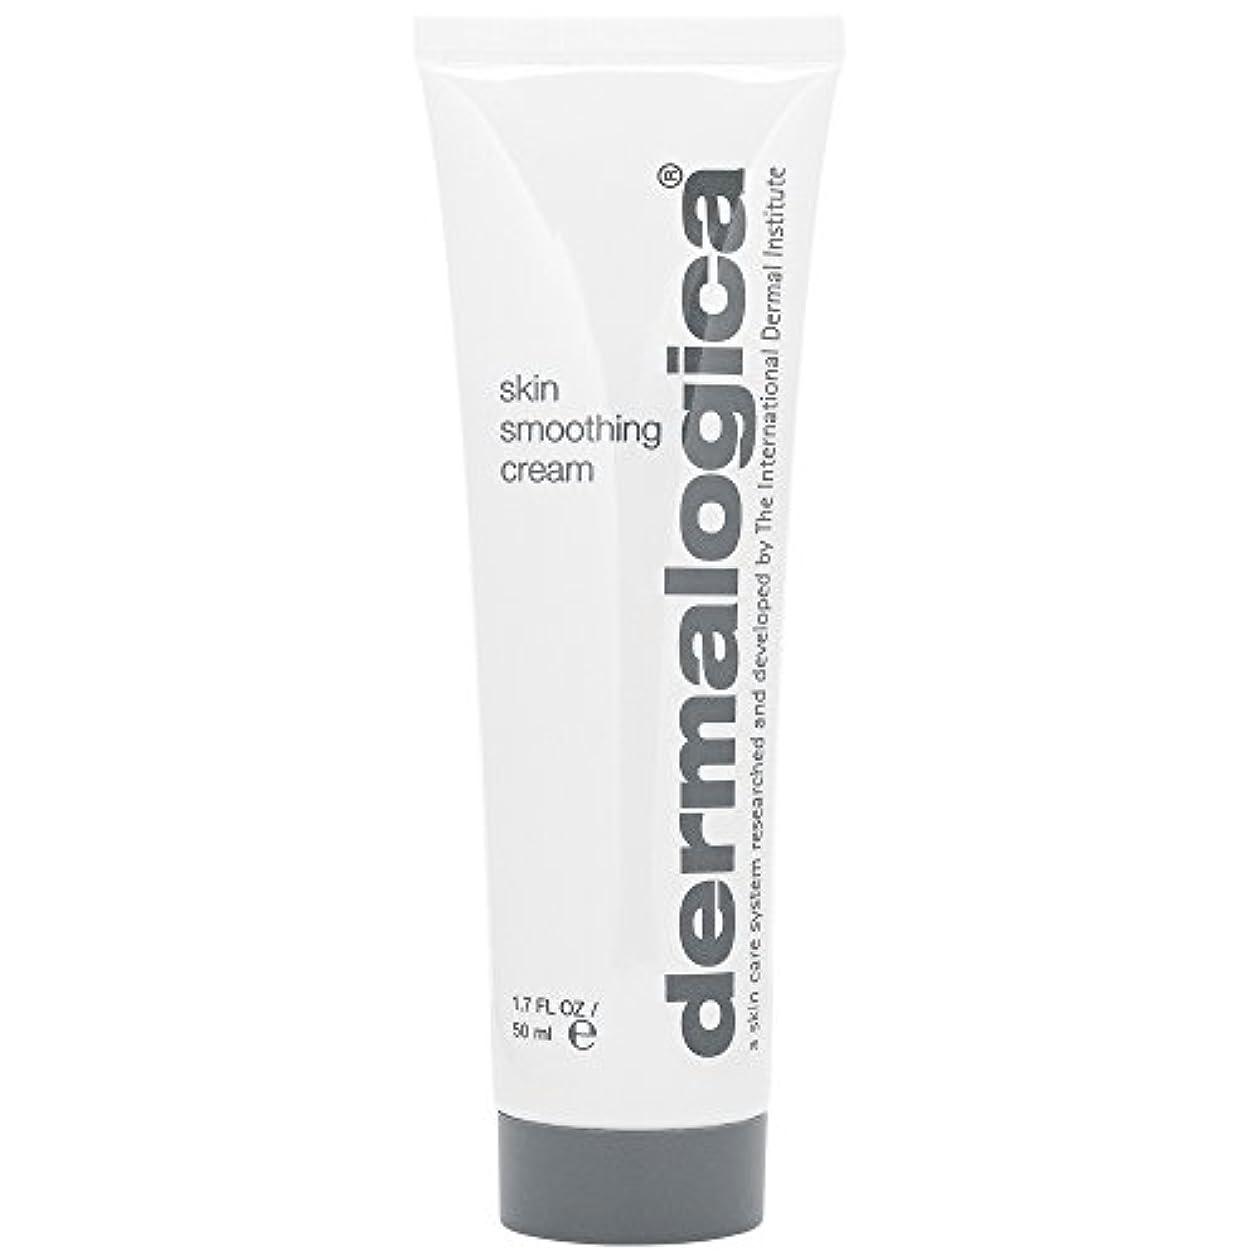 寂しい妥協陸軍ダーマロジカスキンスムージングクリーム50ミリリットル (Dermalogica) - Dermalogica Skin Smoothing Cream 50ml [並行輸入品]